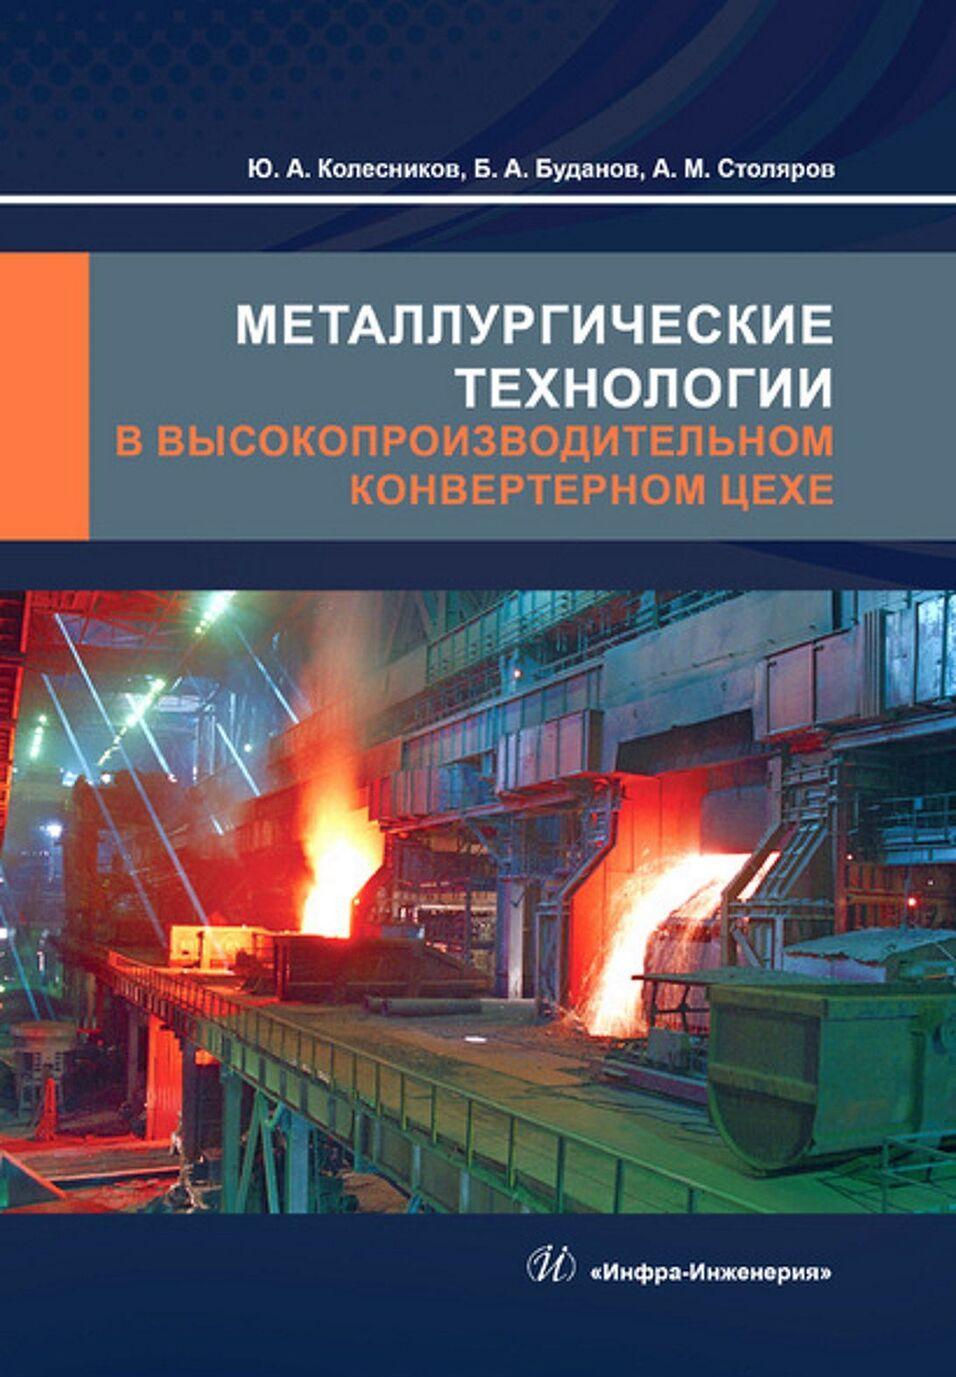 Metallurgicheskie tekhnologii v vysokoproizvoditelnom konverternom tsekhe